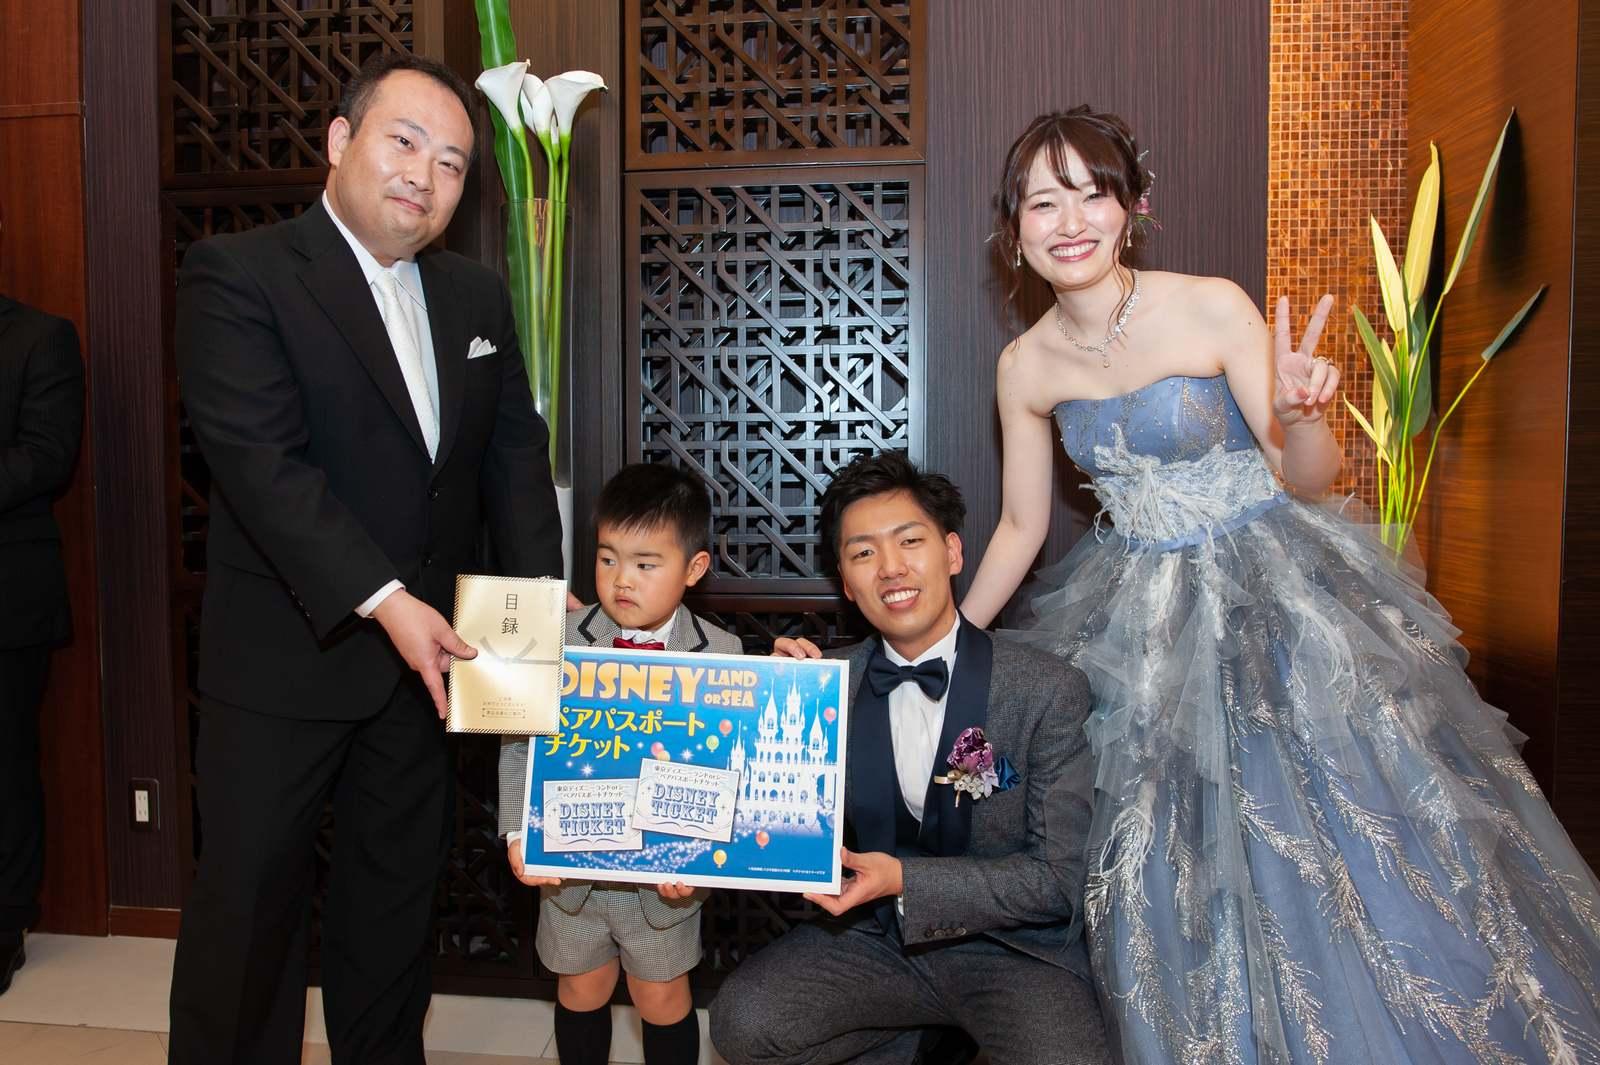 徳島県の結婚式場ブランアンジュの披露宴で樽クラッカーゲームの当たりプレゼントをもらう子ども